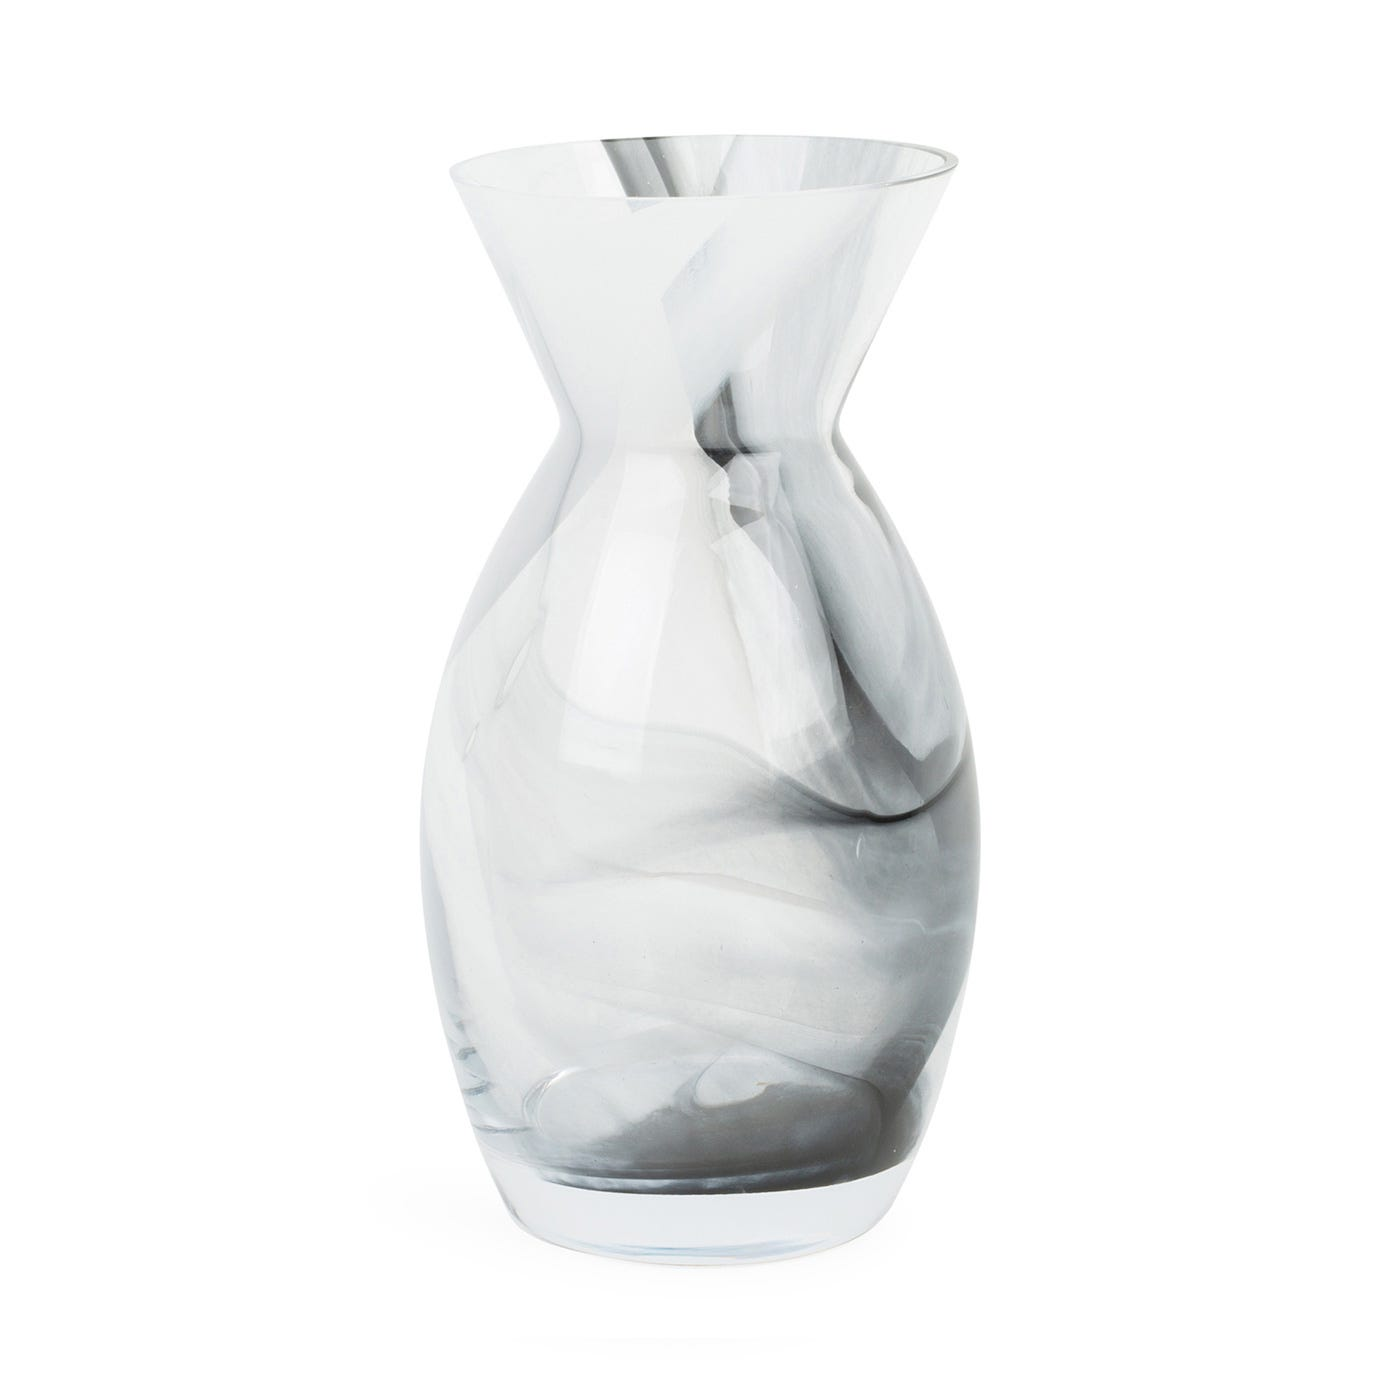 Glass Rose Vase Black & White Marble